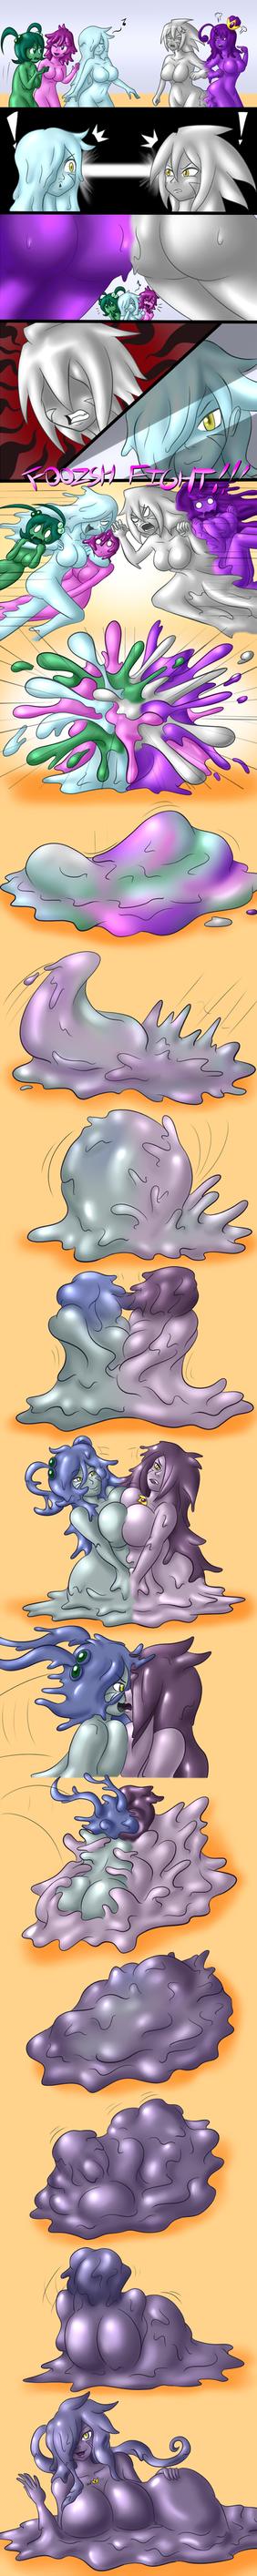 Goop Troop VS Queen Zinc by DoodleDowd